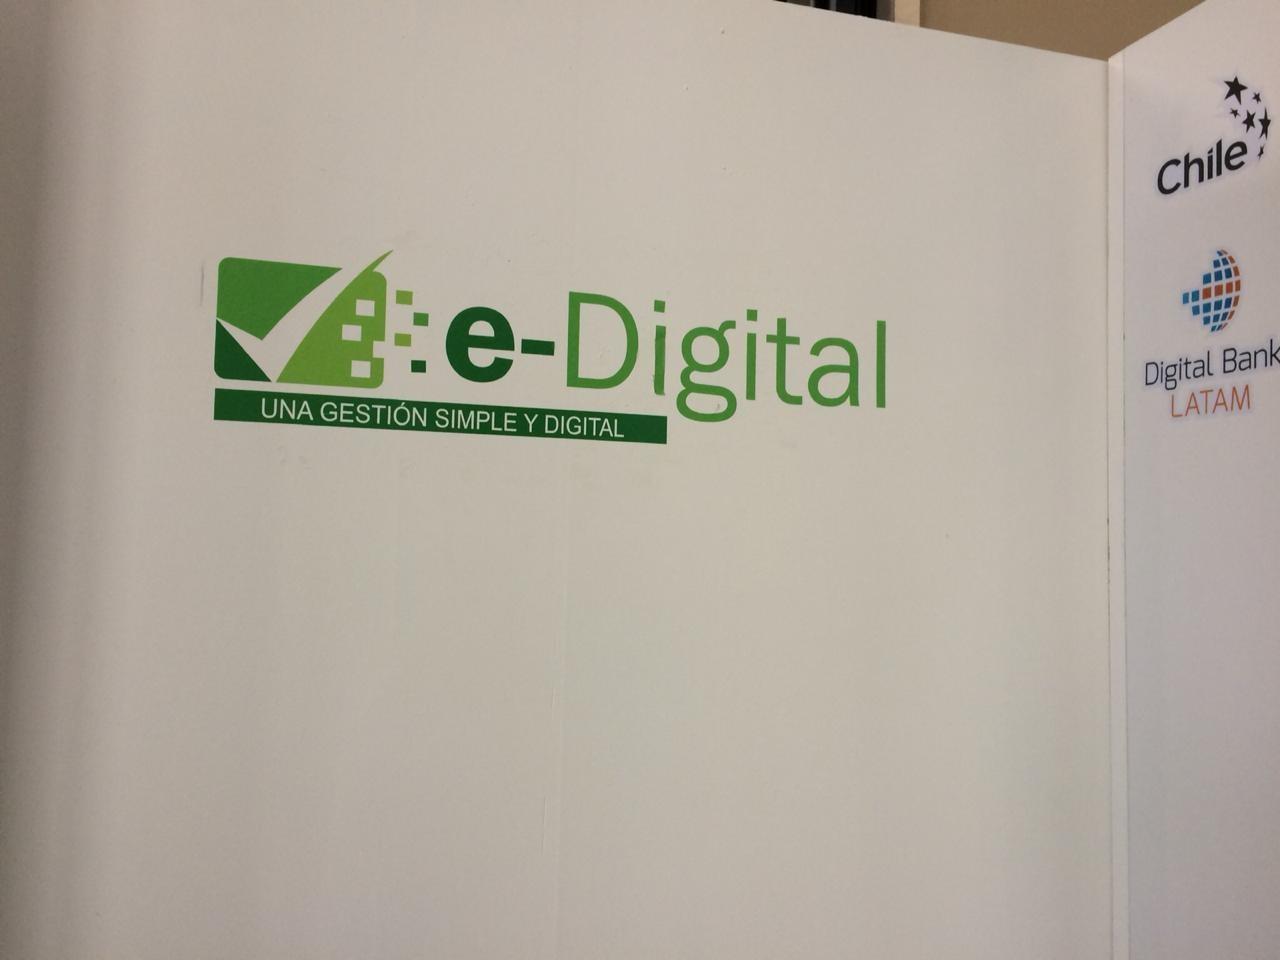 Galeria - e-Digital